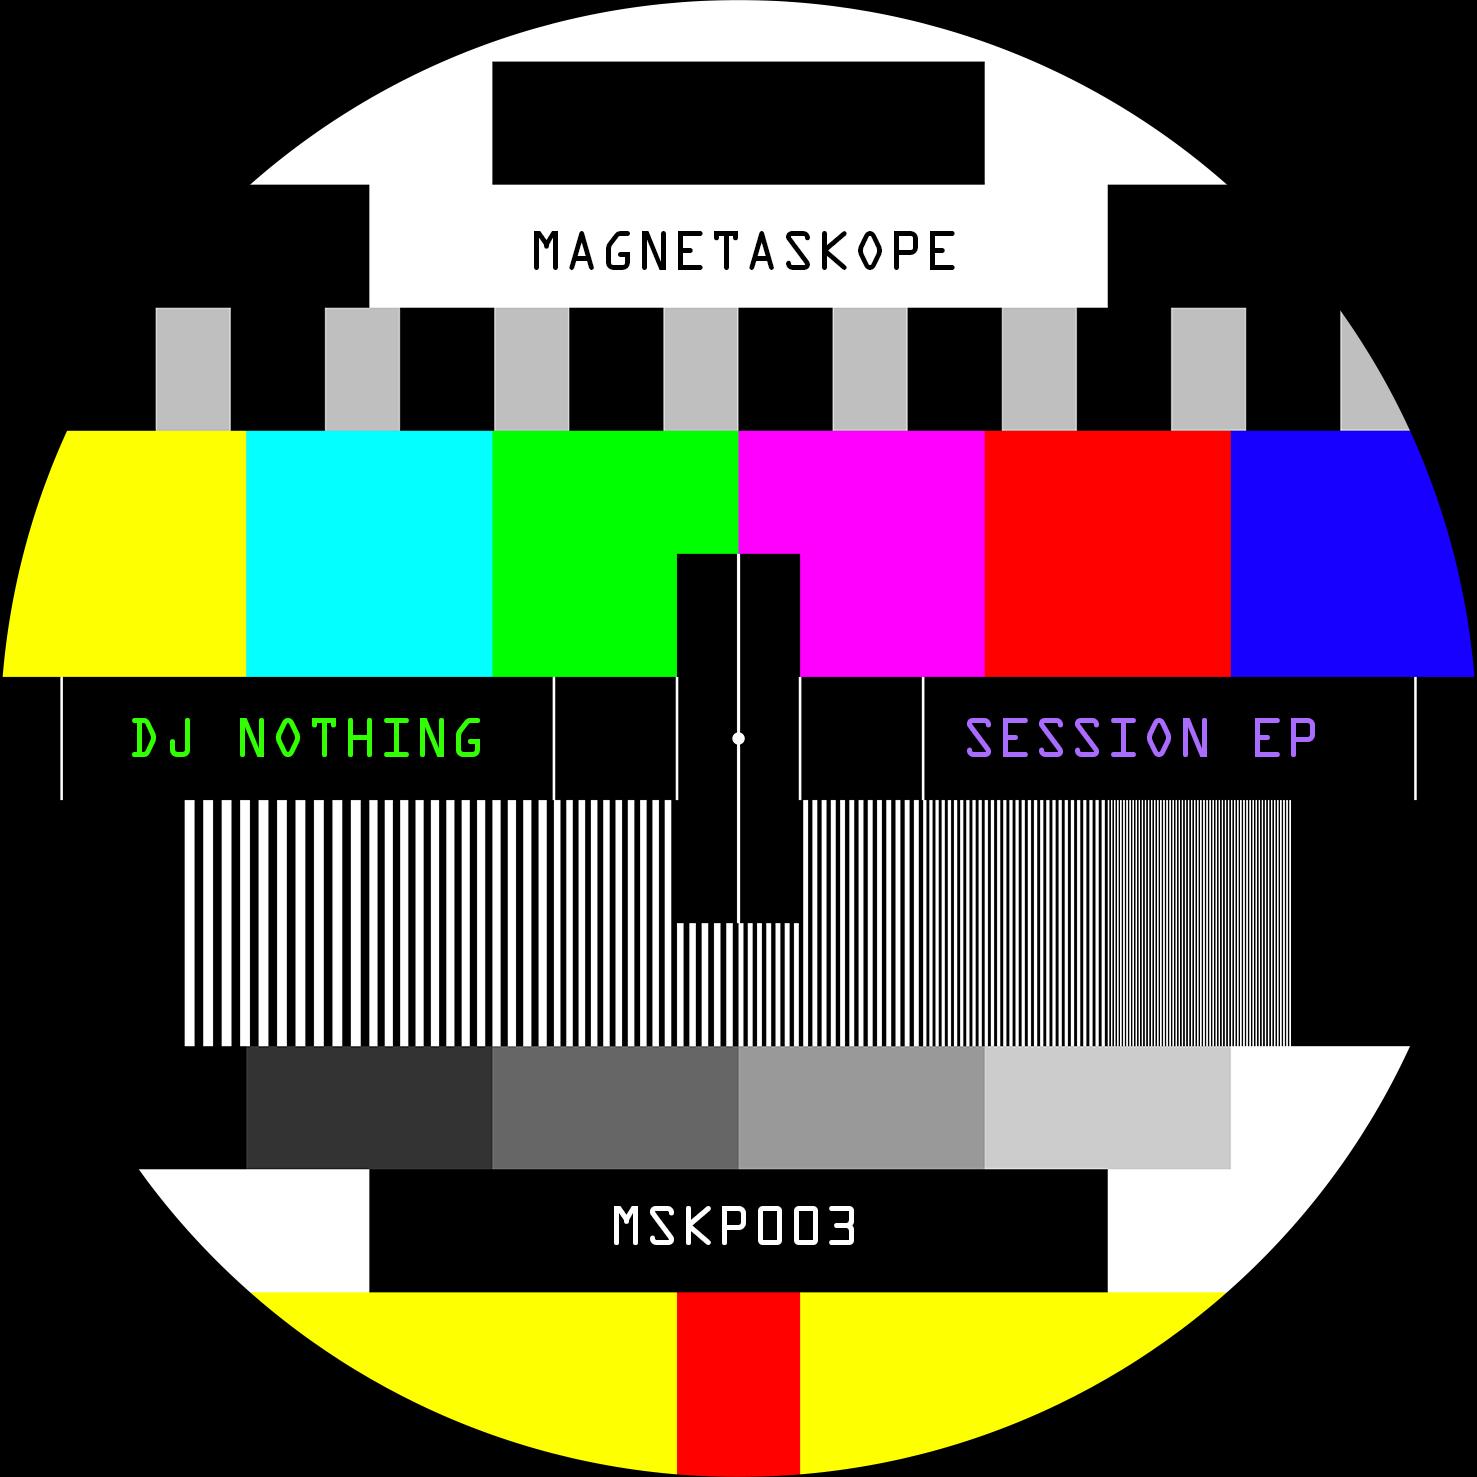 MSKP003 - DJ NOTHING // SESSION EPRELEASED 09.27.2018